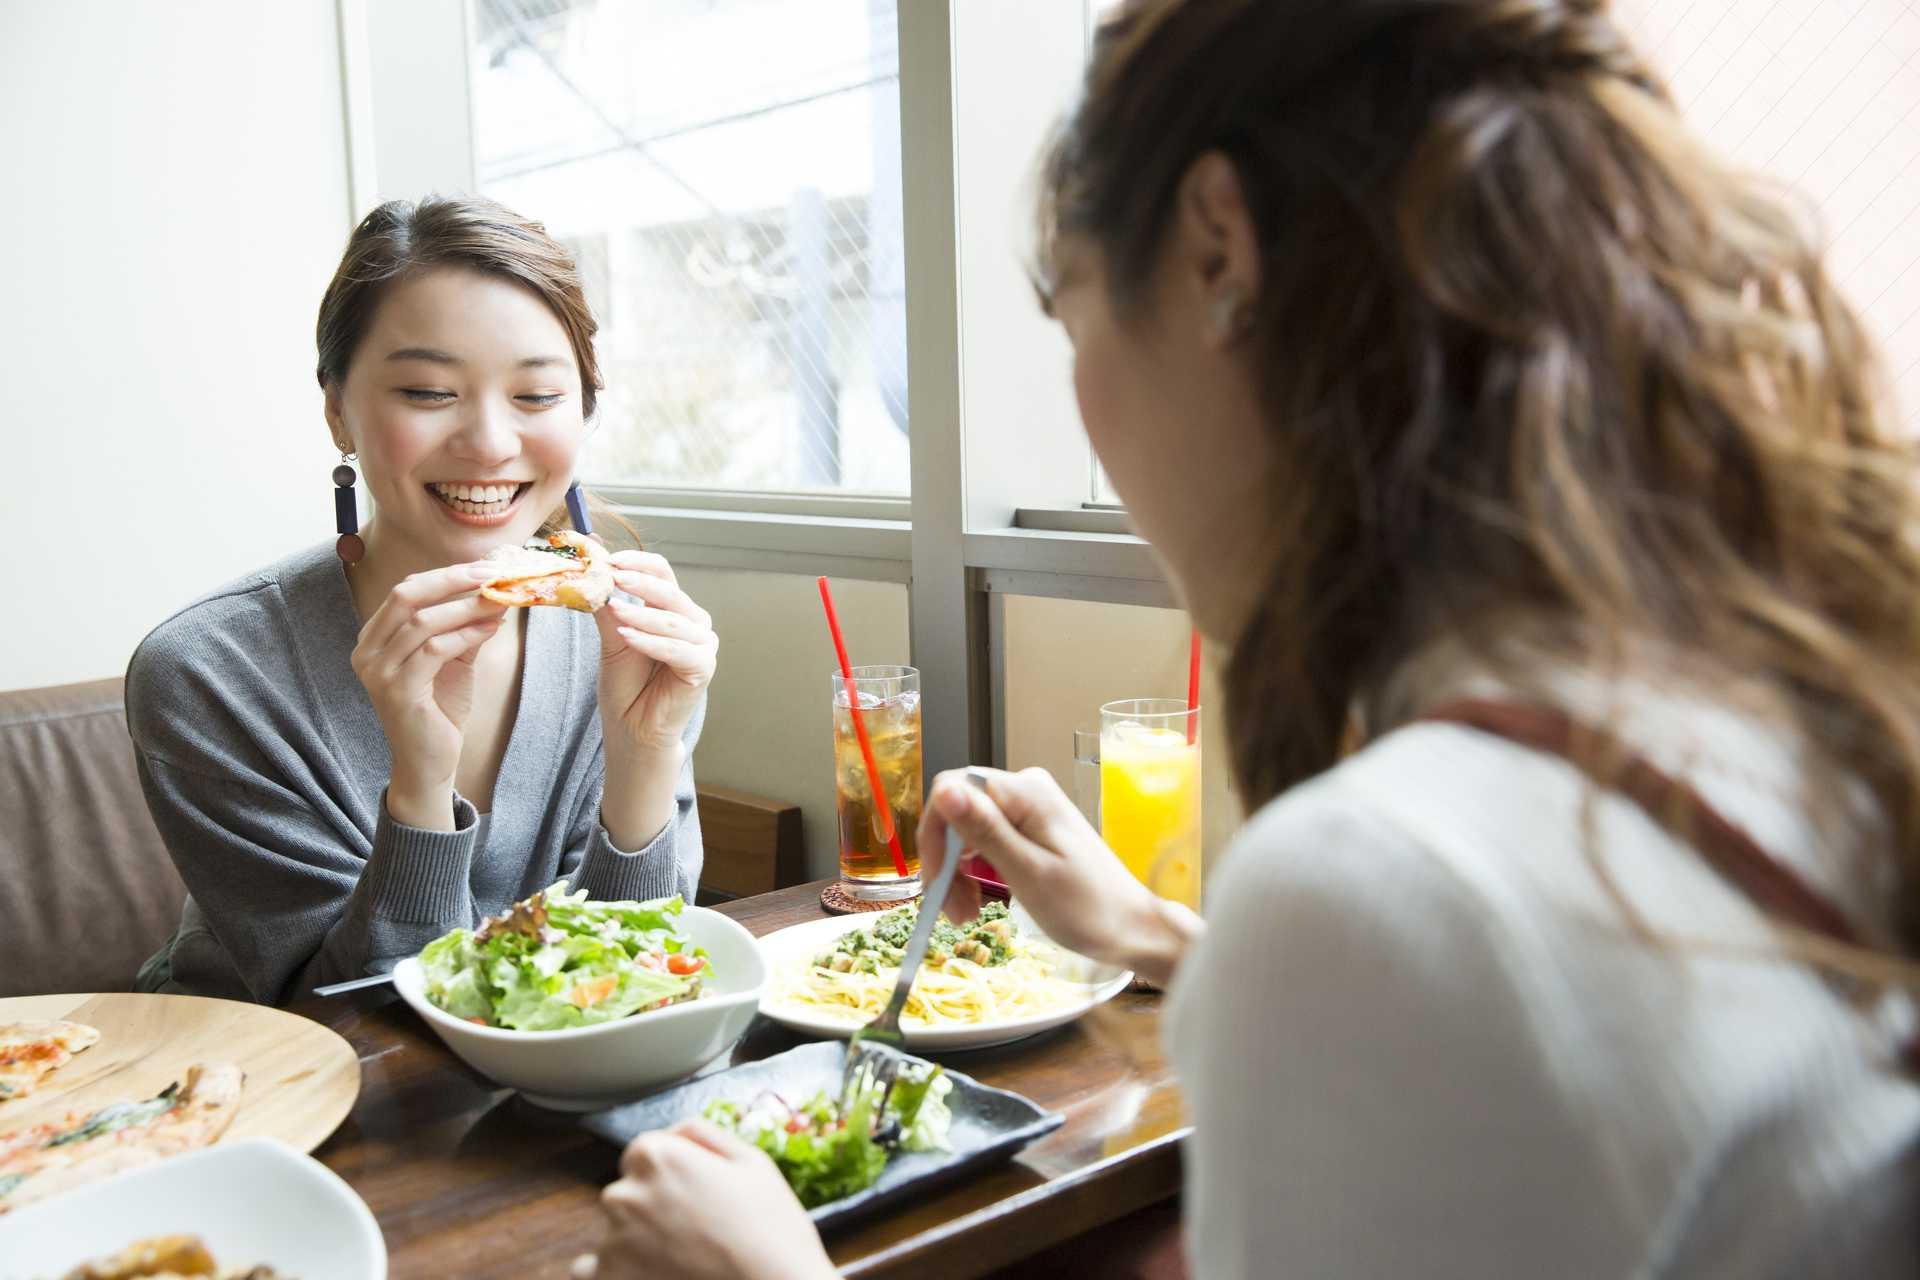 友人と話しながら食事をすると、痩せられる。 | 美しく痩せられる30の食生活